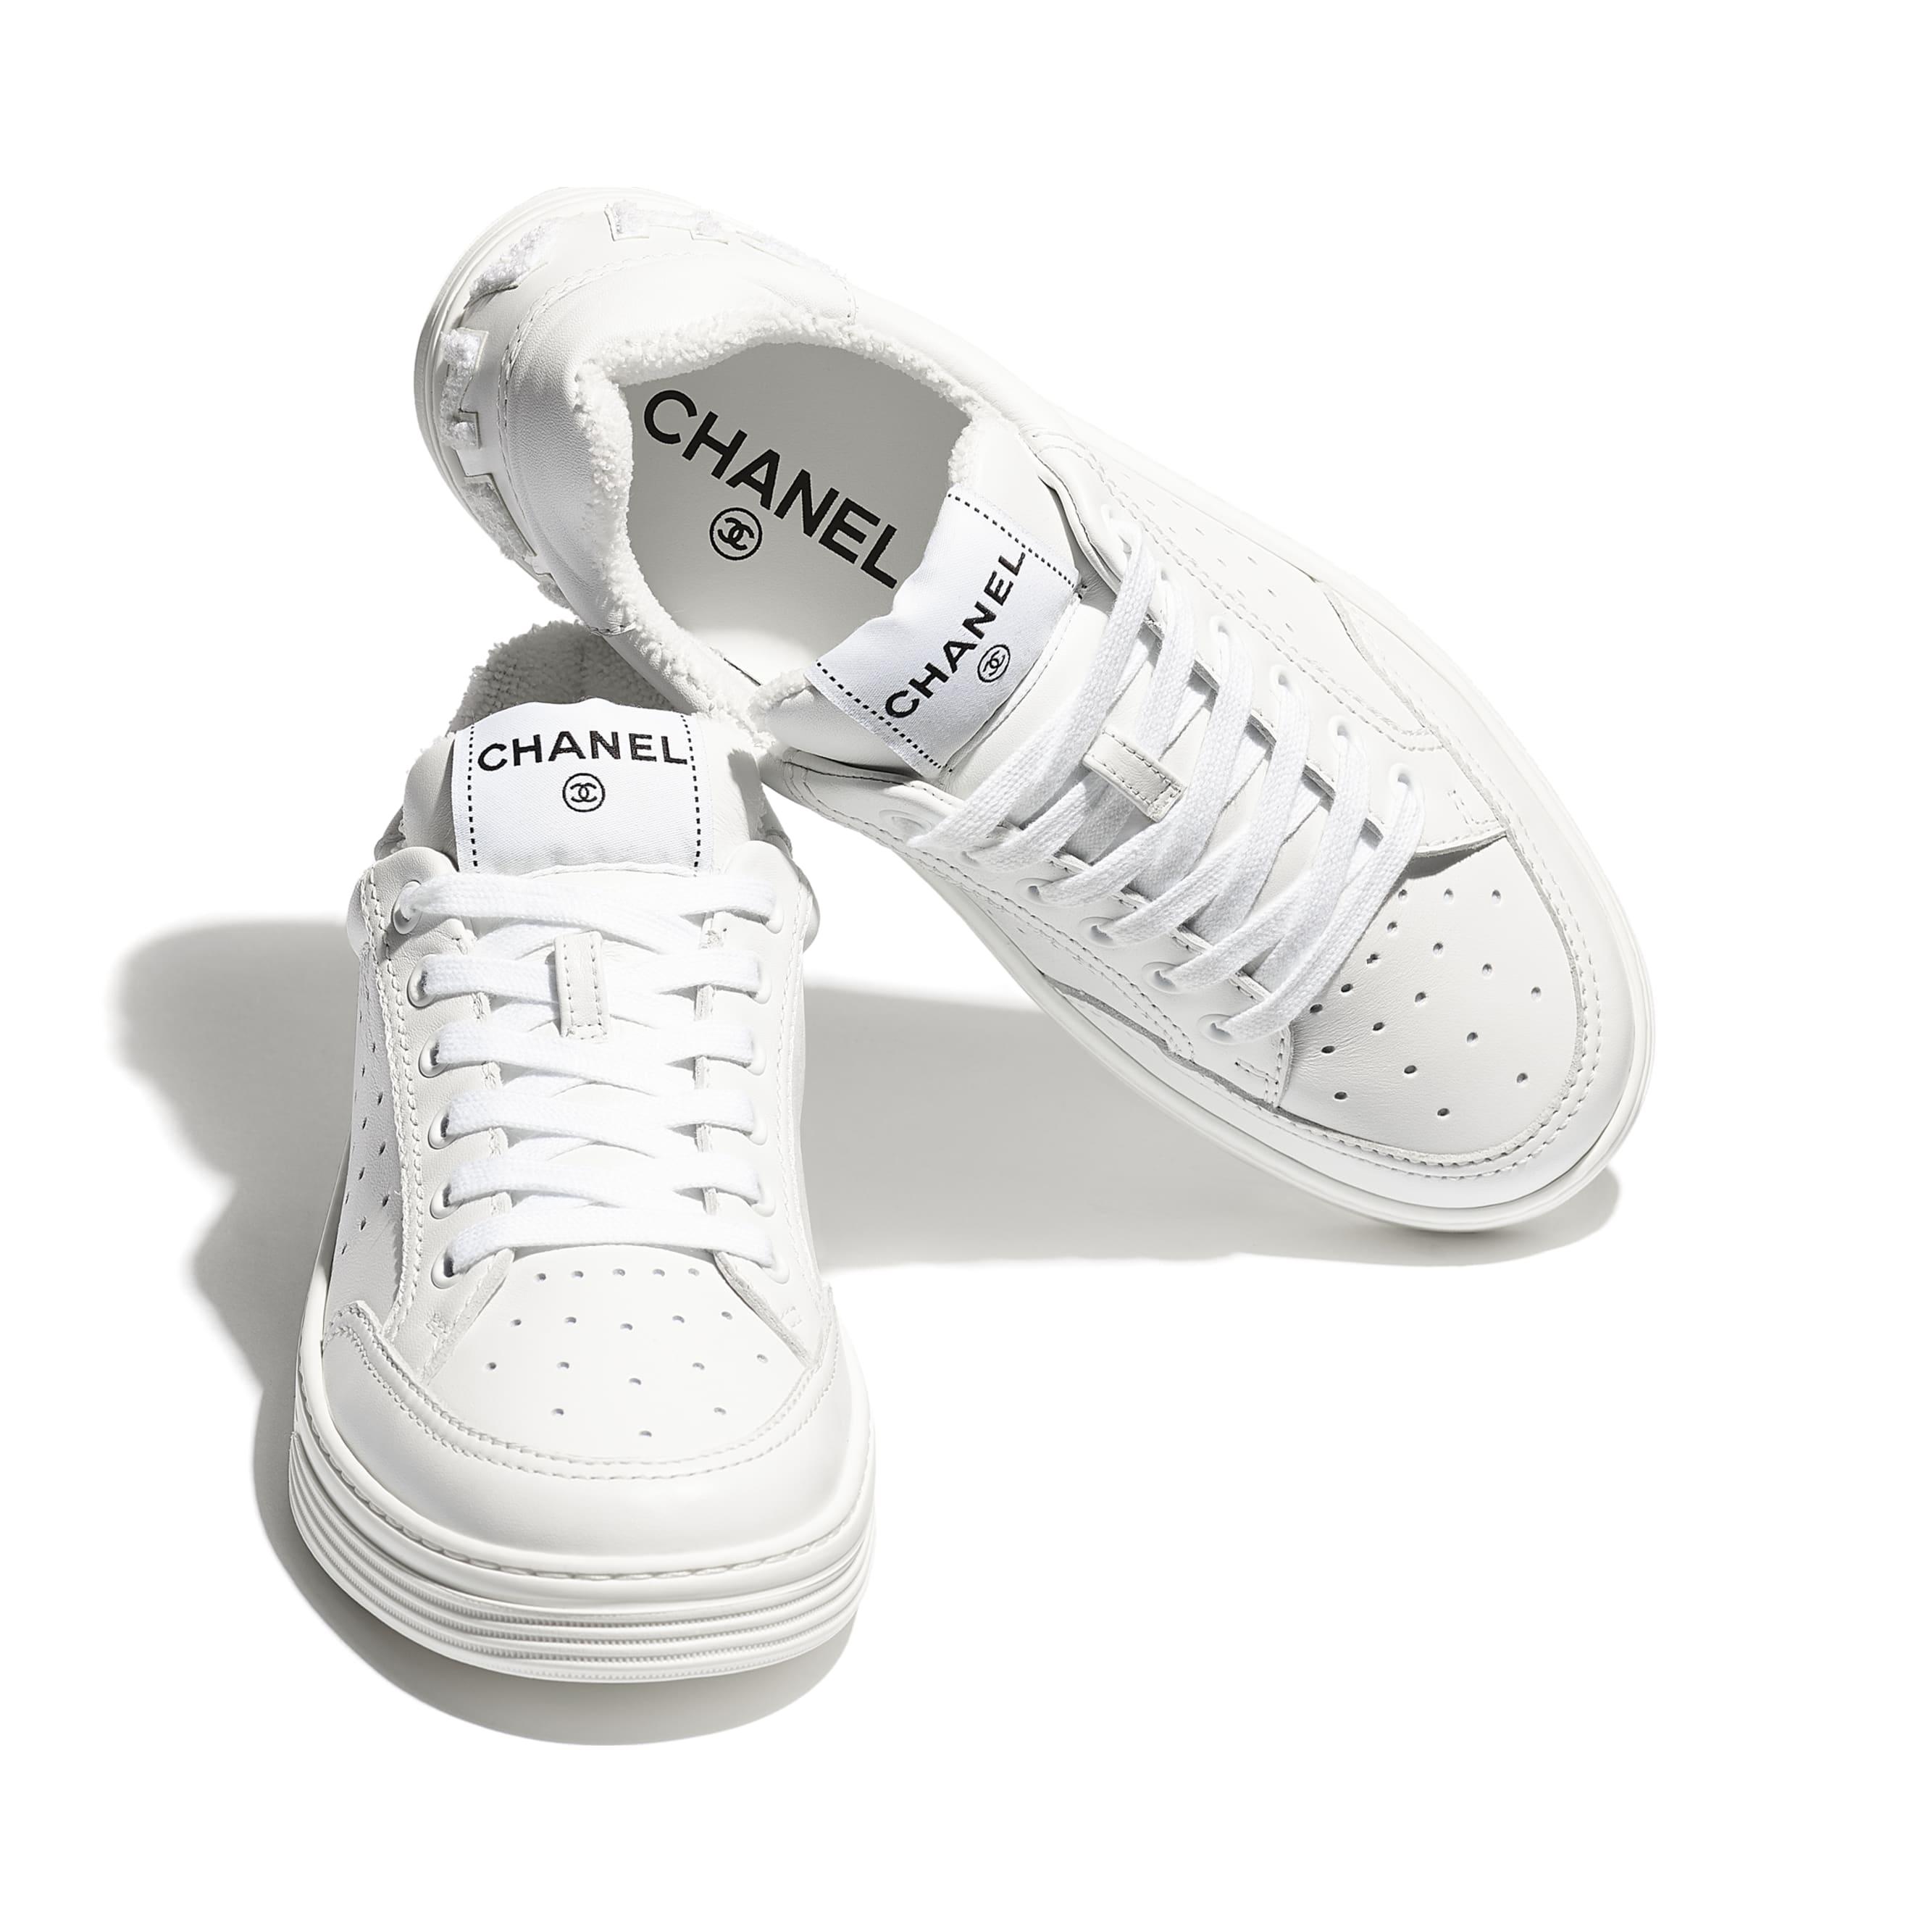 Sneakers - Weiß - Kalbsleder - Extra-Ansicht - Standardgröße anzeigen